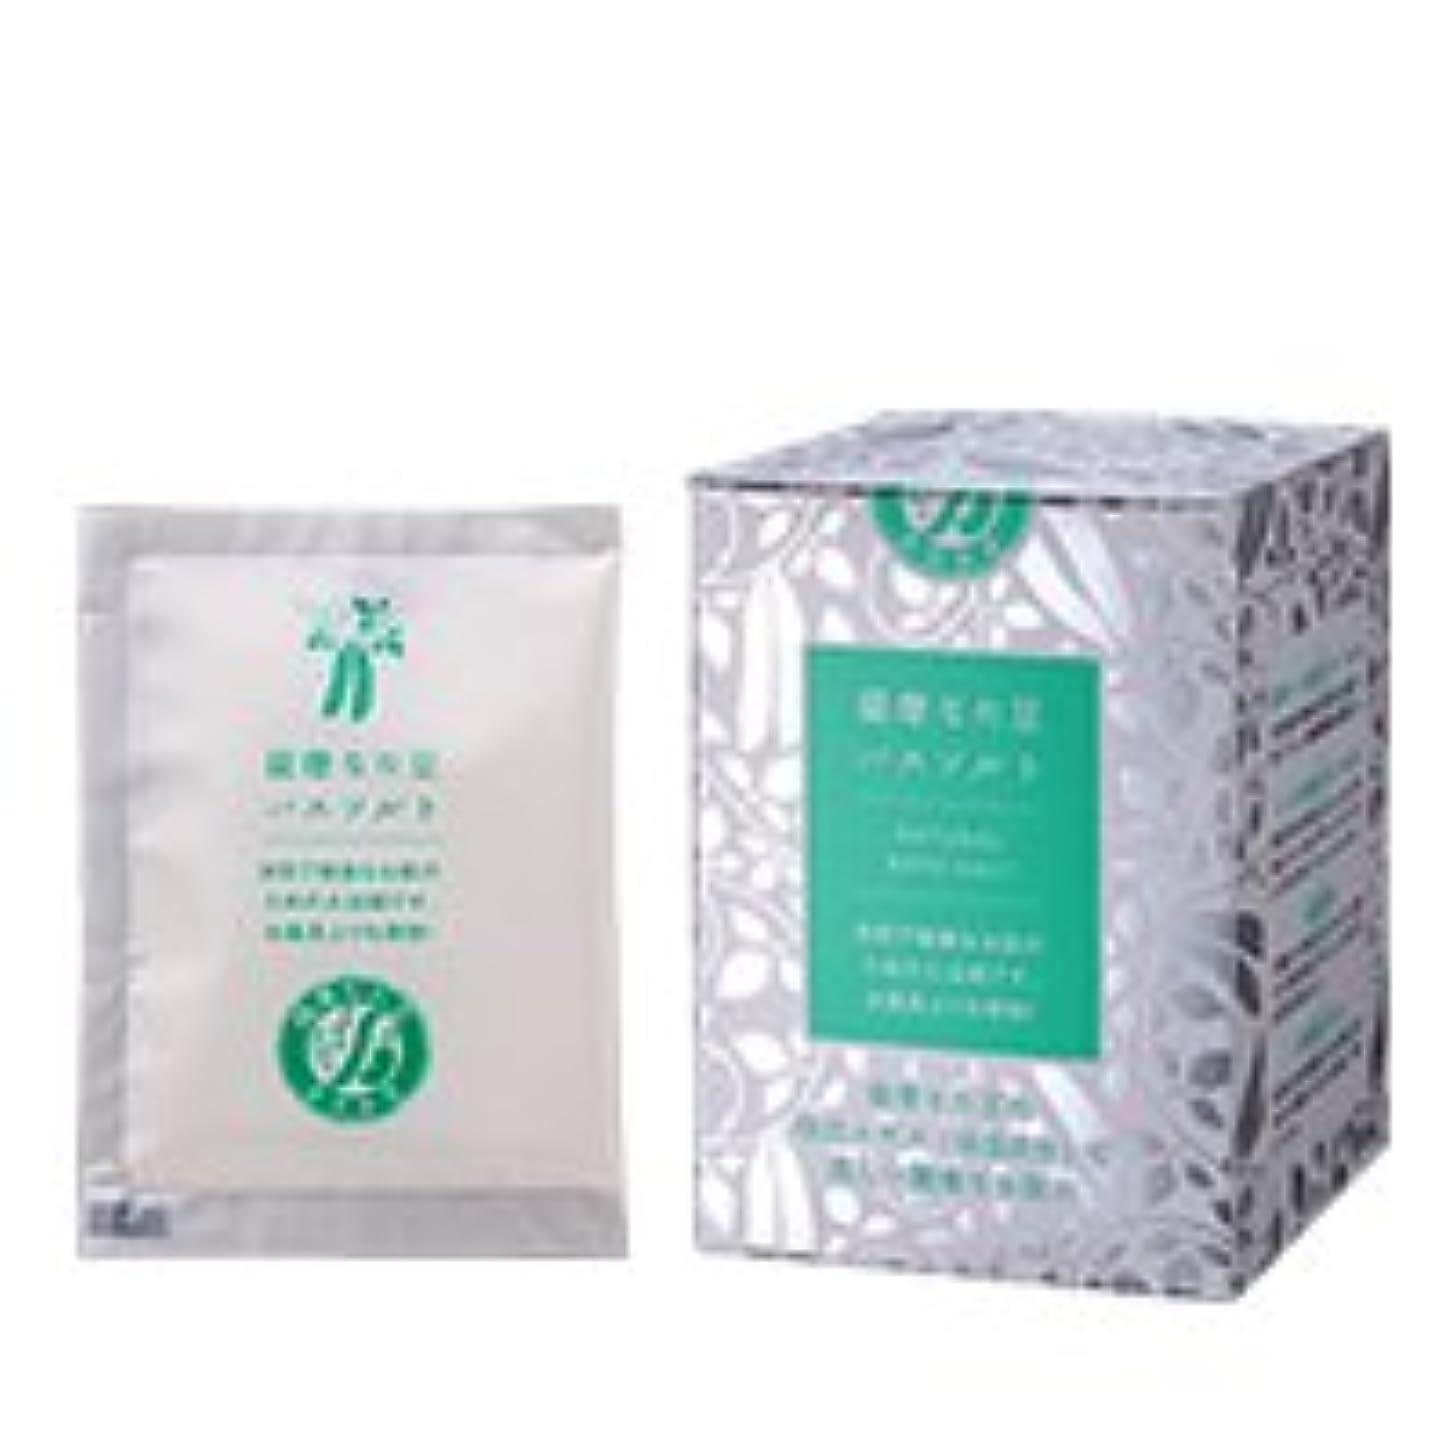 学部別にベンチ薩摩なた豆バスソルト【薩摩なた豆抽出エキス入り入浴剤?10包入り????????にも!】